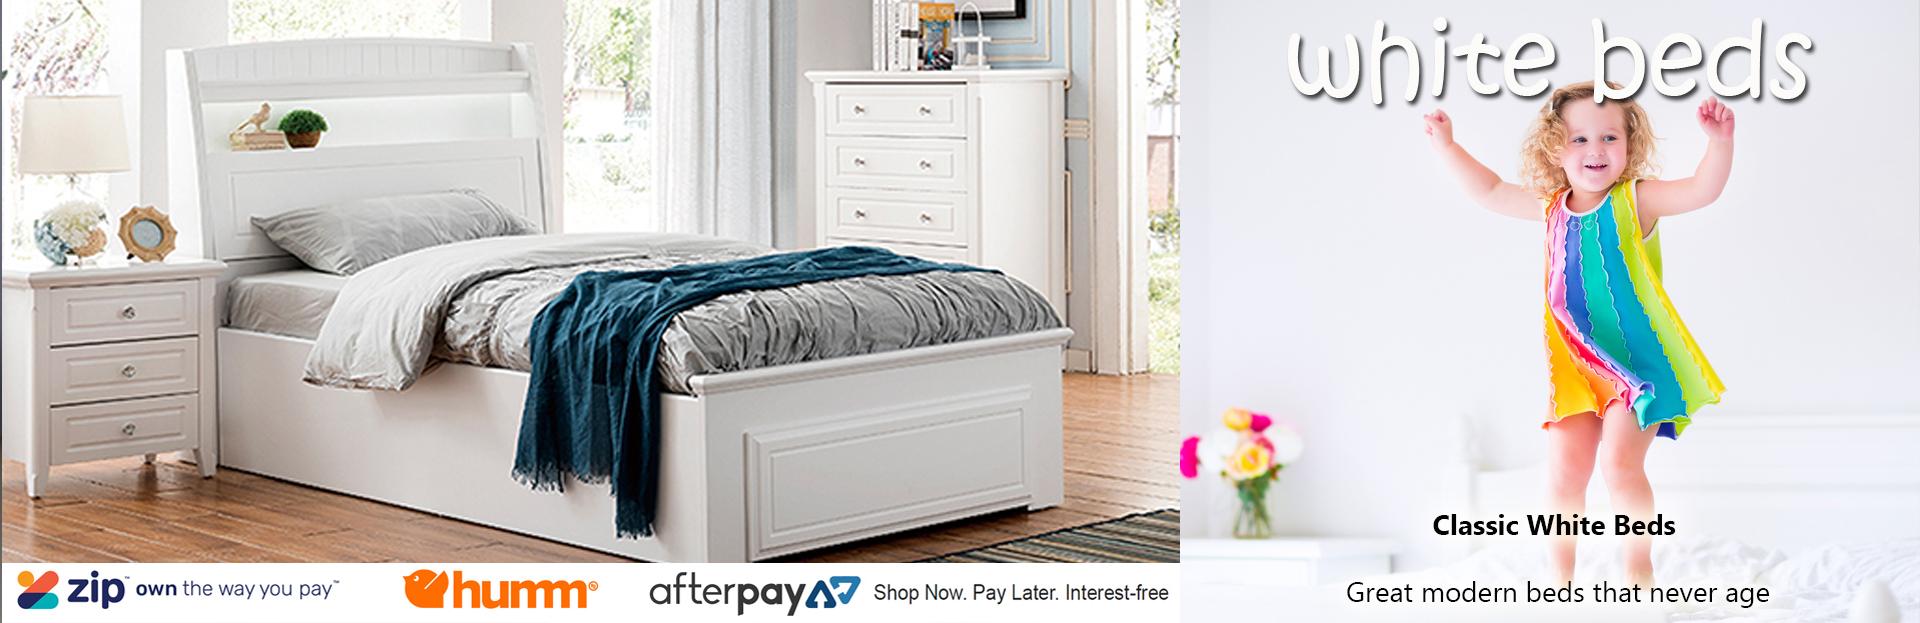 white-beds-banner-2020.jpg